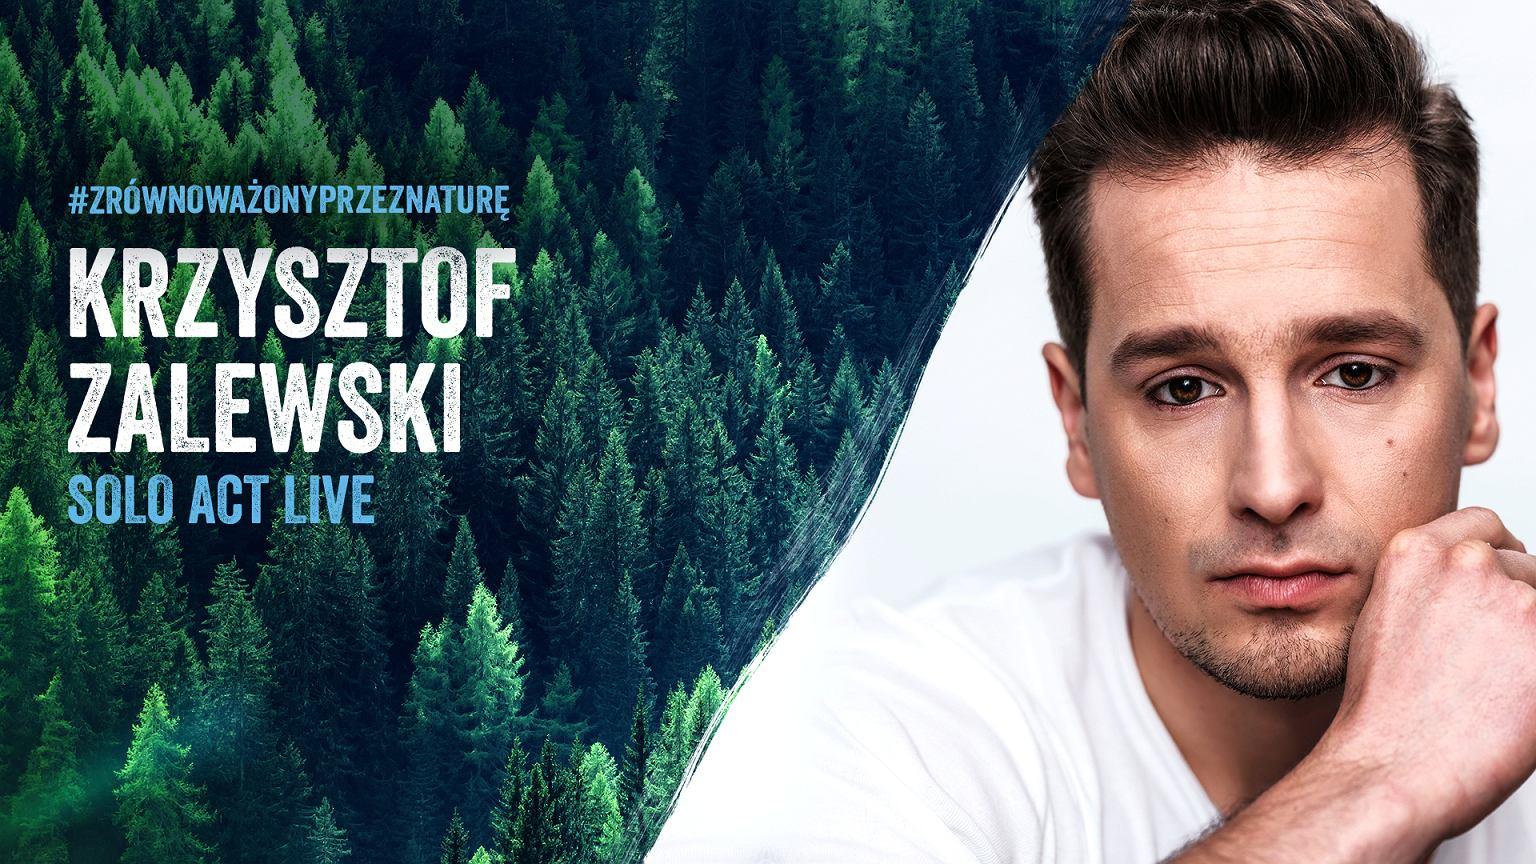 Krzysztof Zalewski zaprasza na koncert #zrównoważonyprzeznaturę. Solo act prosto z Żywieczczyzny